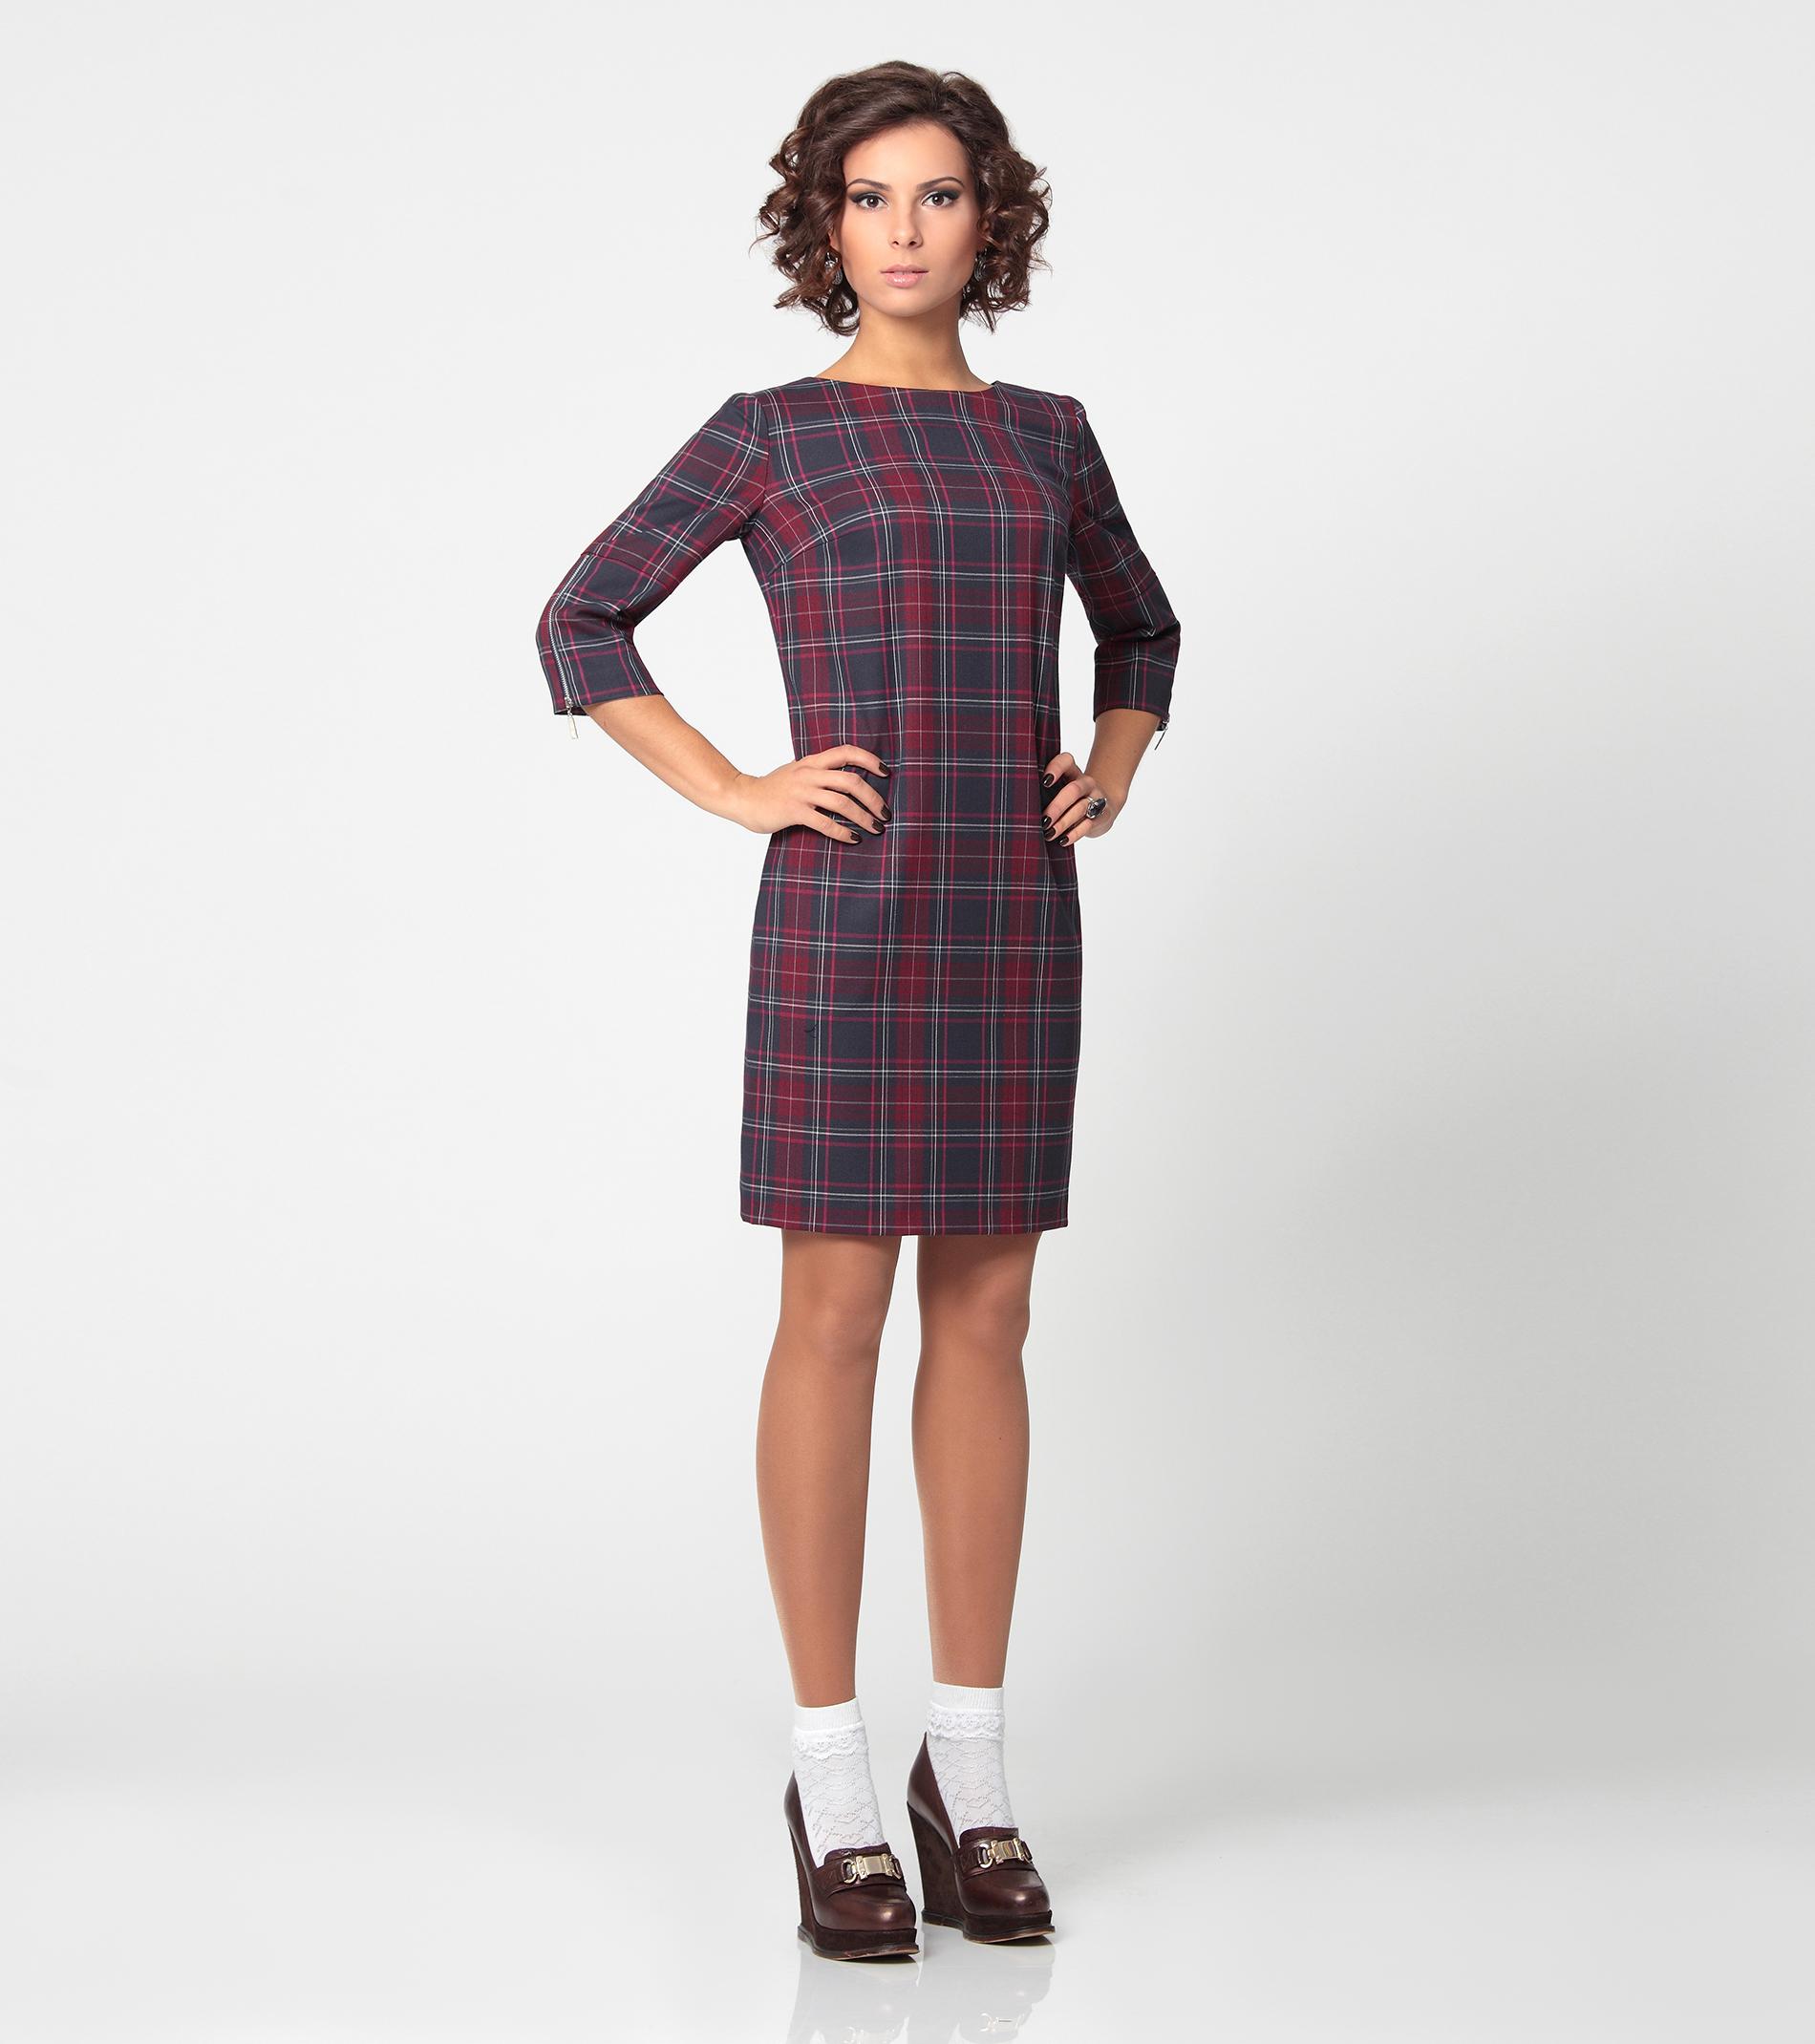 Женская одежда линия с доставкой